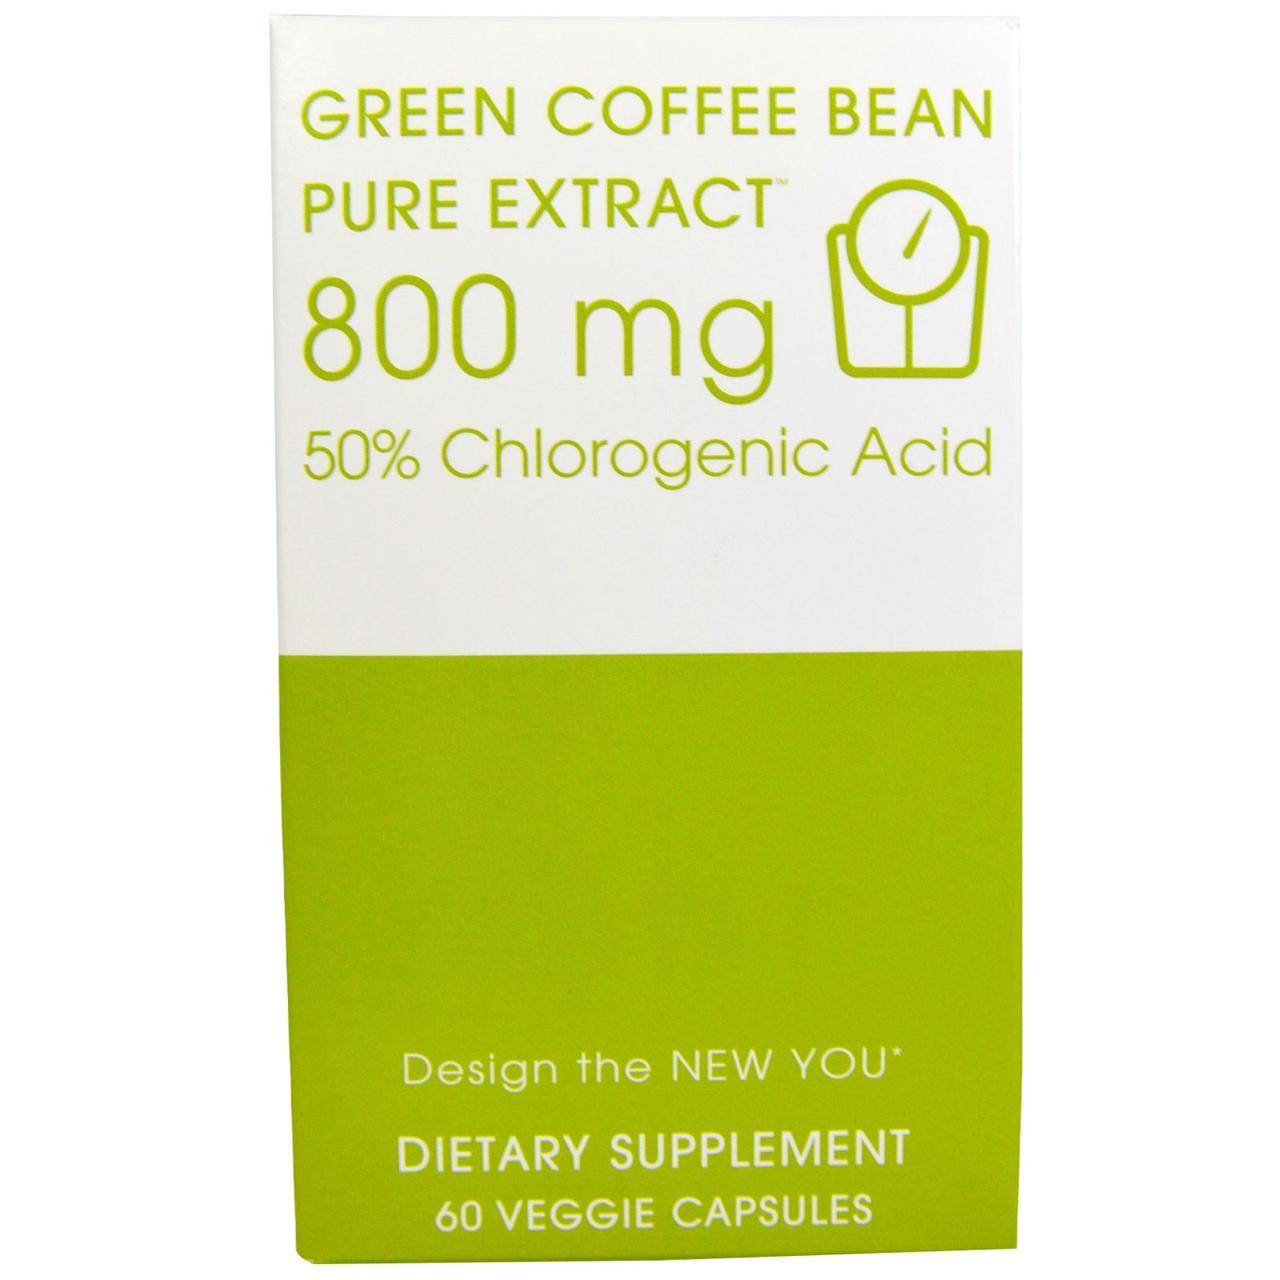 Creative Bioscience, Зеленое кофейное зерно, чистый экстракт, 800 мг, 60 вегетарианских капсул, купить, цена, отзывы - ⭐FREELIFE⭐ интернет-магазин натуральных препаратов для здоровья №➀ в Украине в Киеве